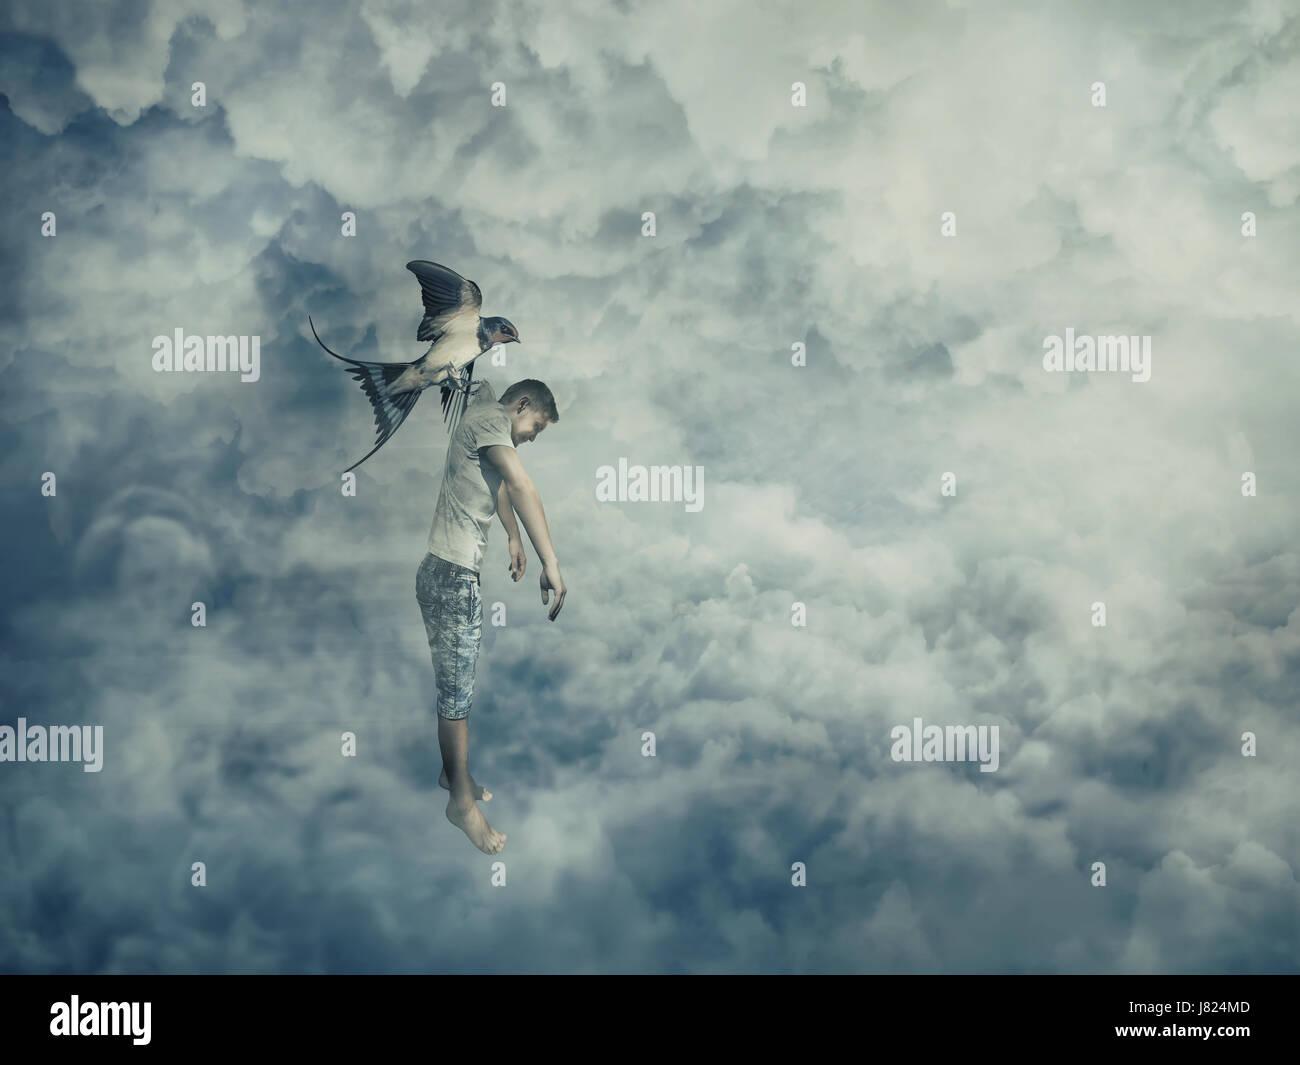 Llevar un pájaro volador impotente joven colgando en su garra. Imagen conceptual simbolizando la manipulación y Foto de stock